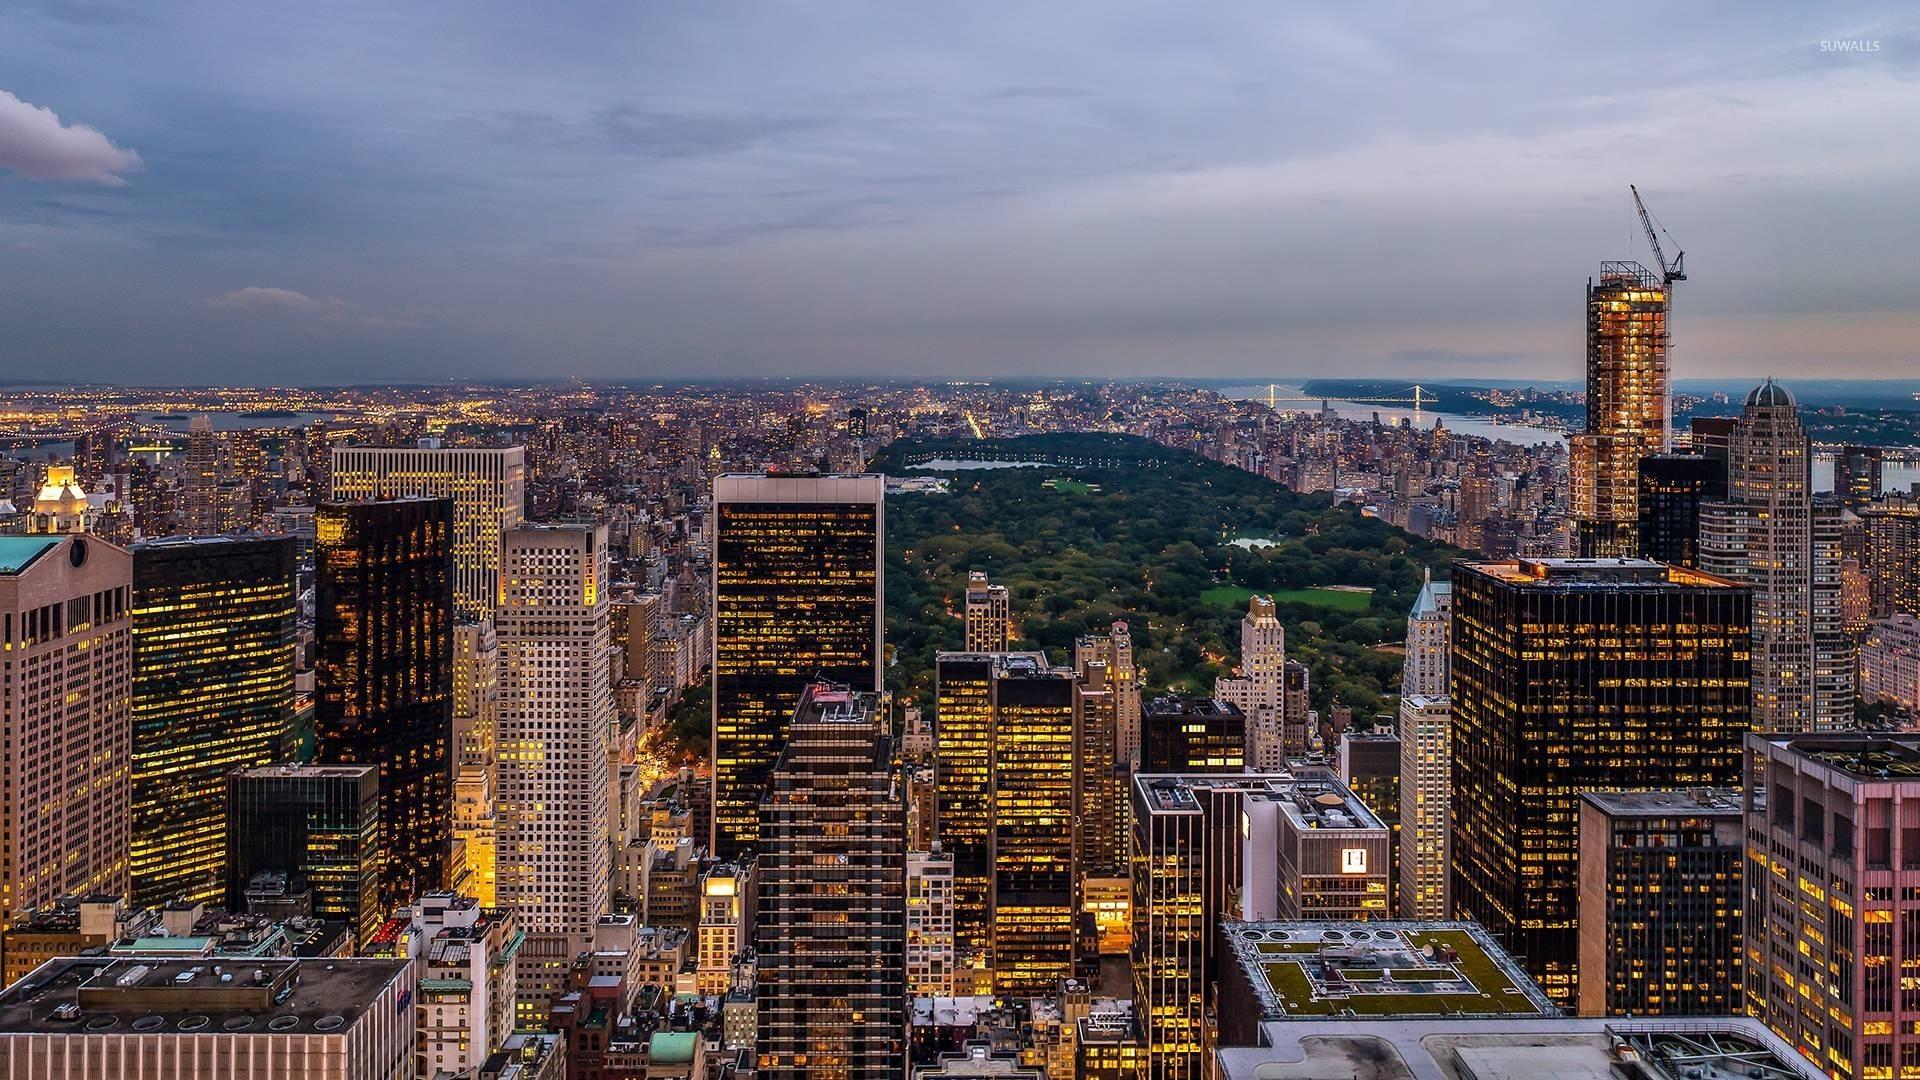 Rockefeller Center New York City Wallpaper World Wallpapers